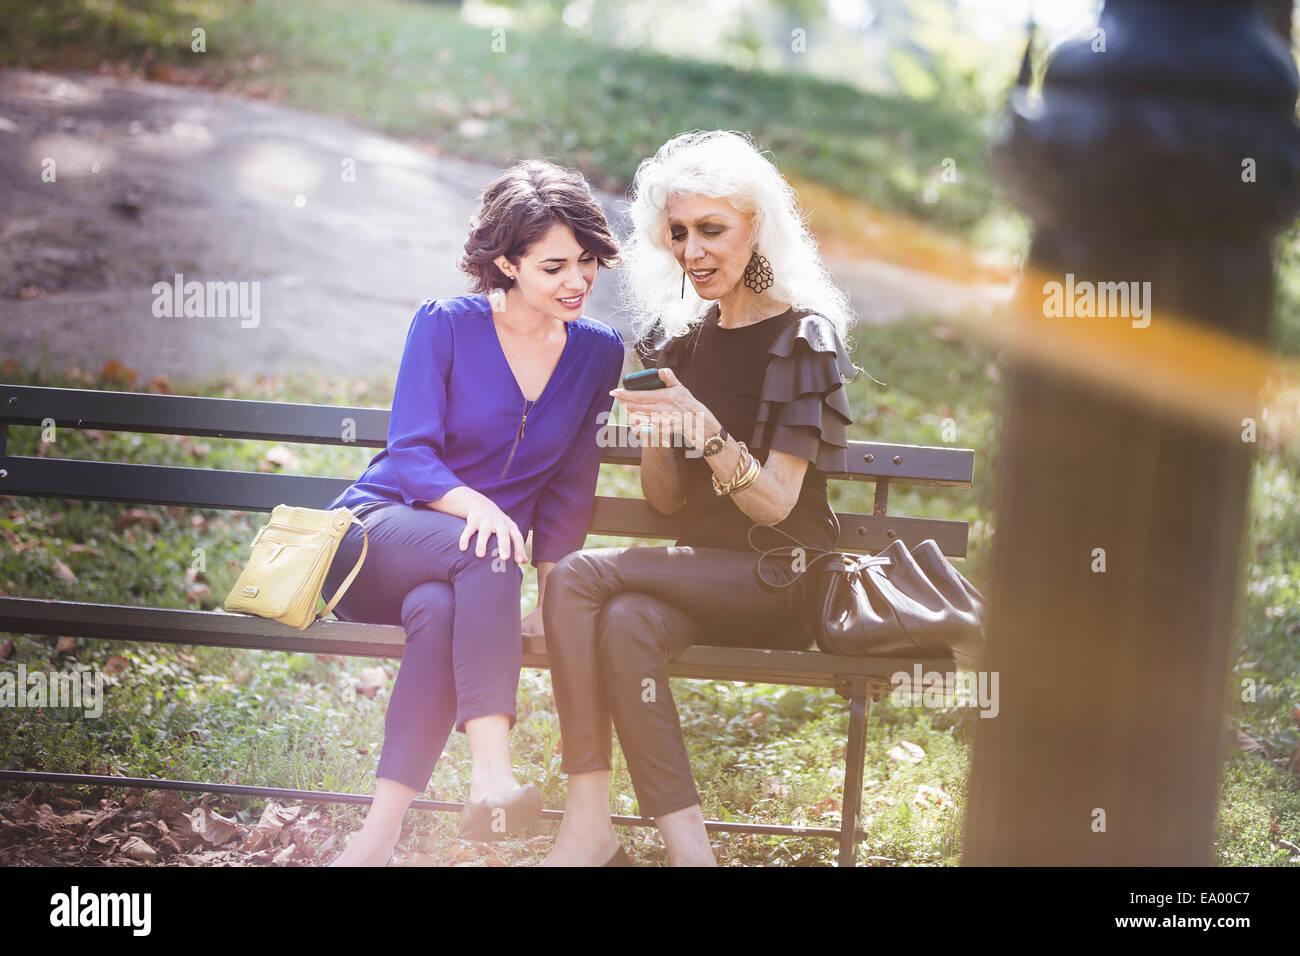 Jeune femme au parc de la ville avec son mentor, regarder des photos en smartphone Photo Stock